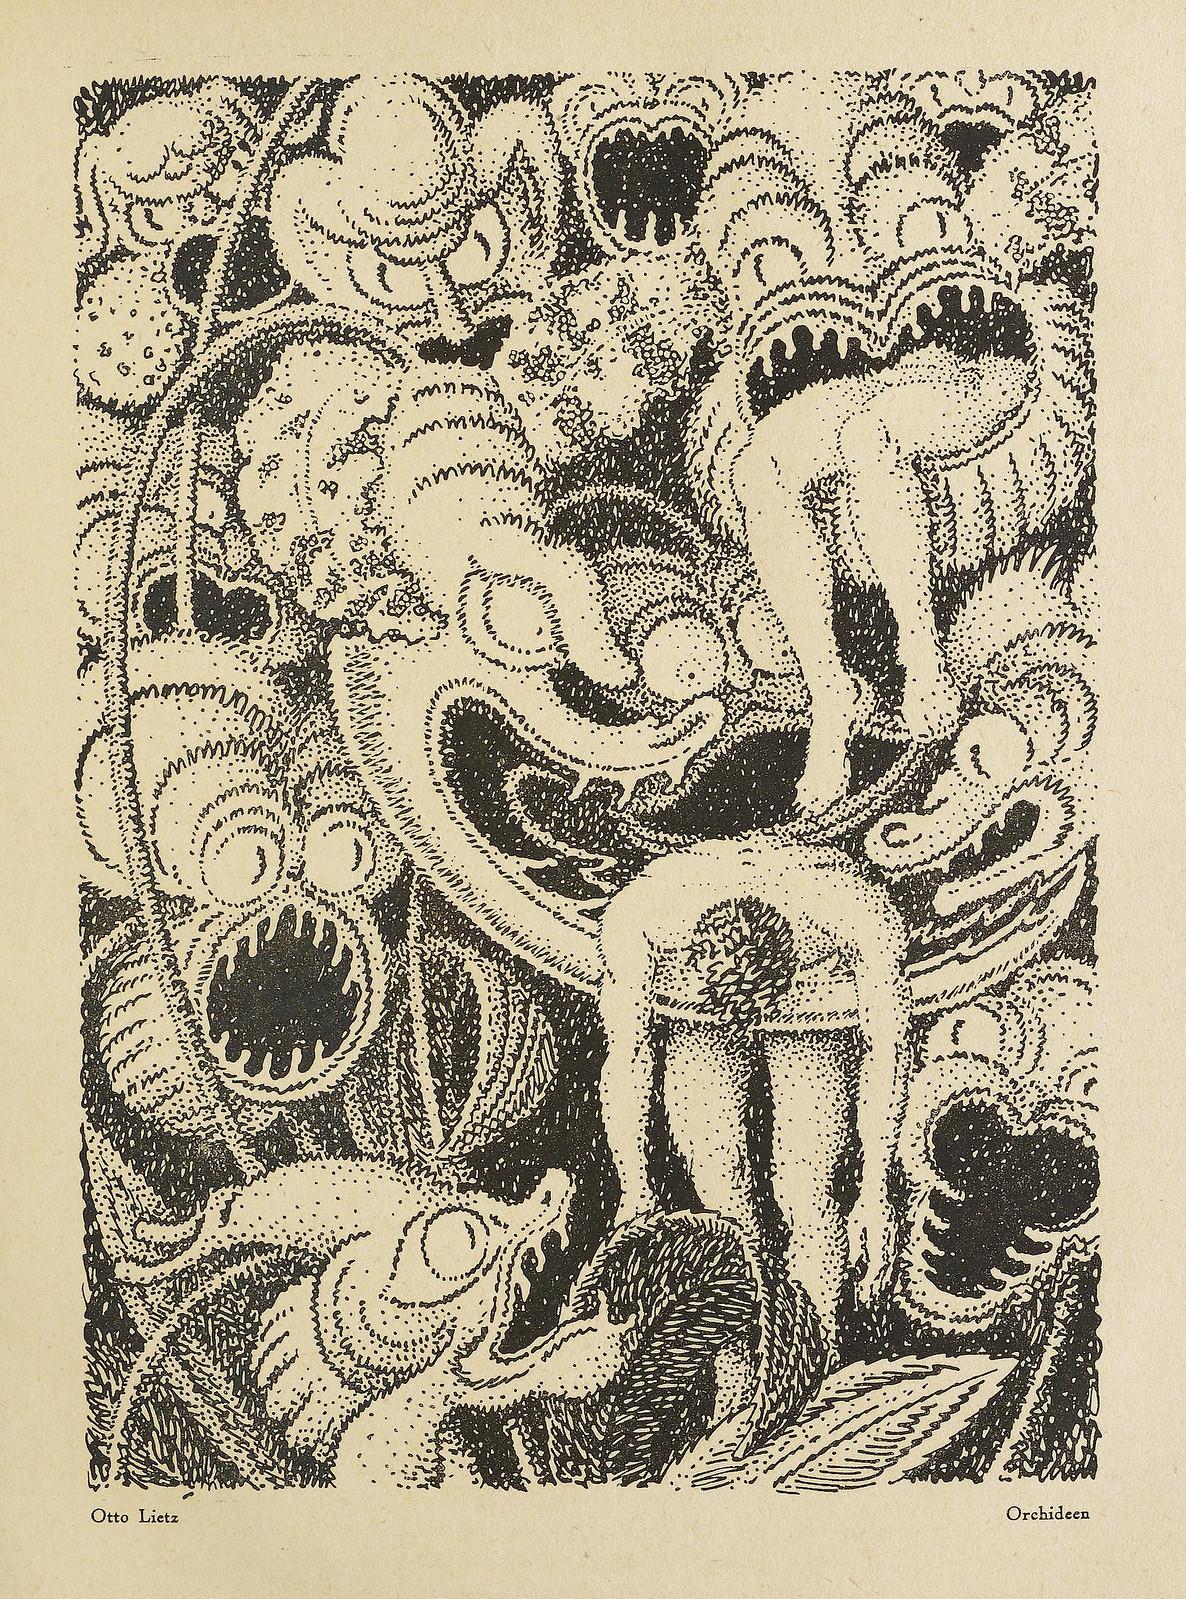 Der Orchideengarten - 1919, Otto Lietz - Orchideen